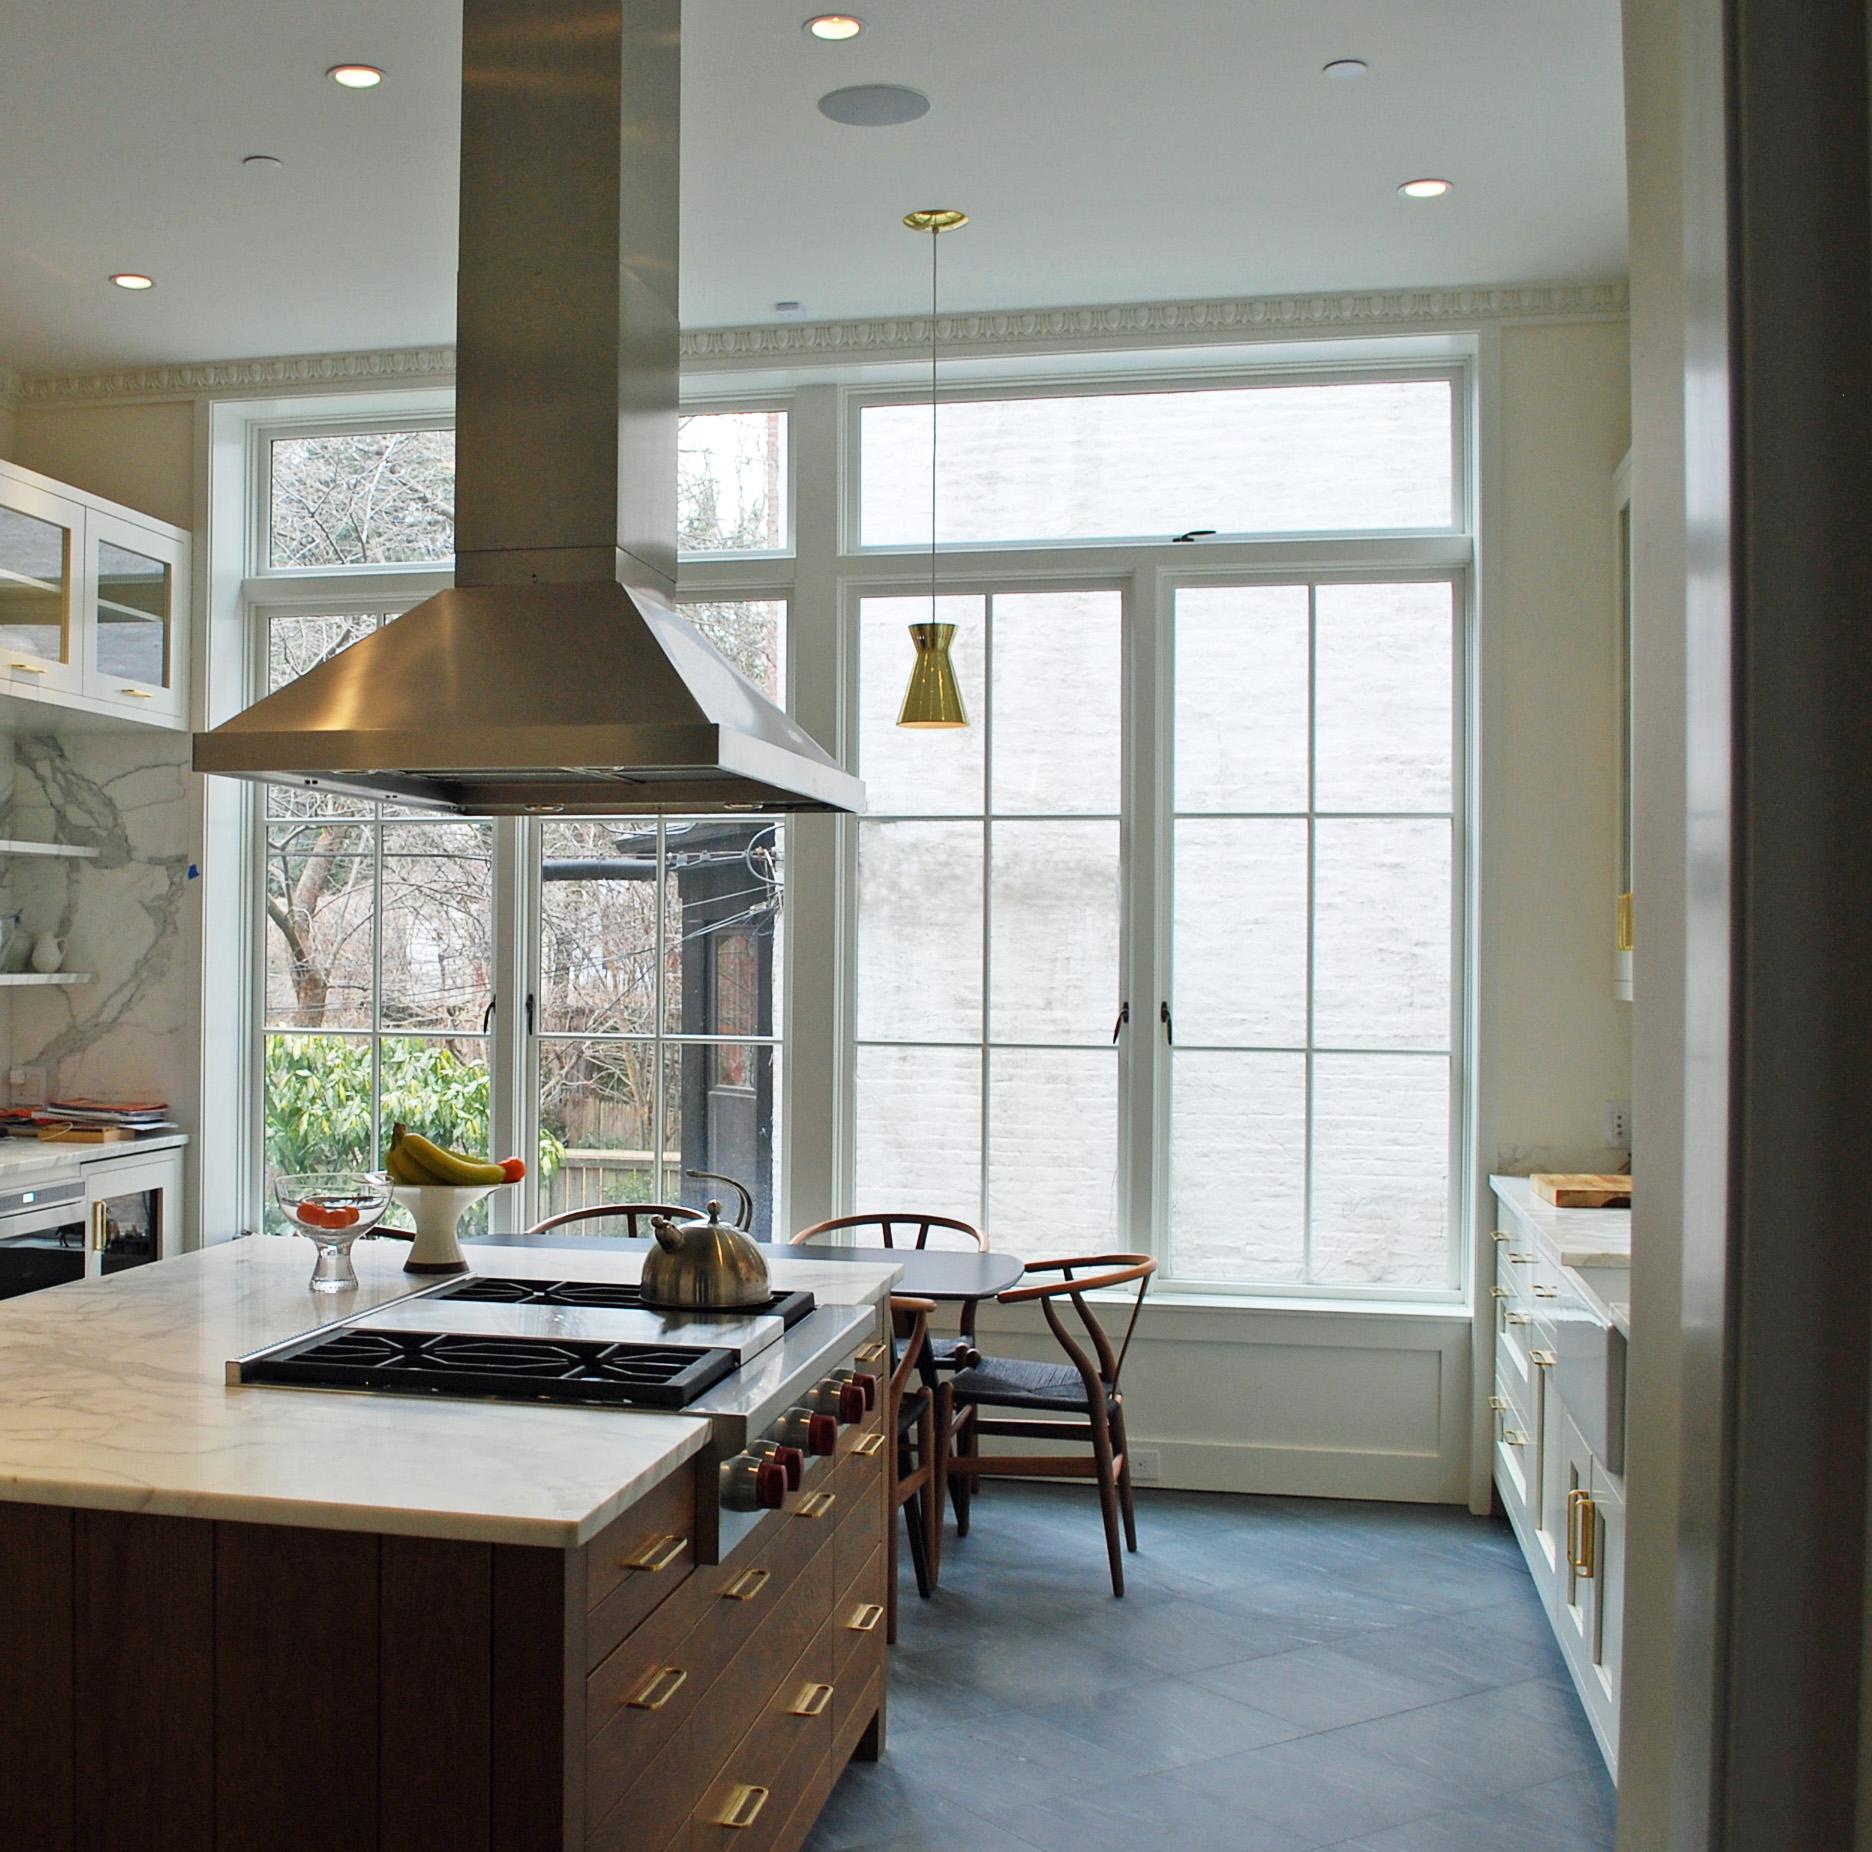 ff Kitchen.jpg